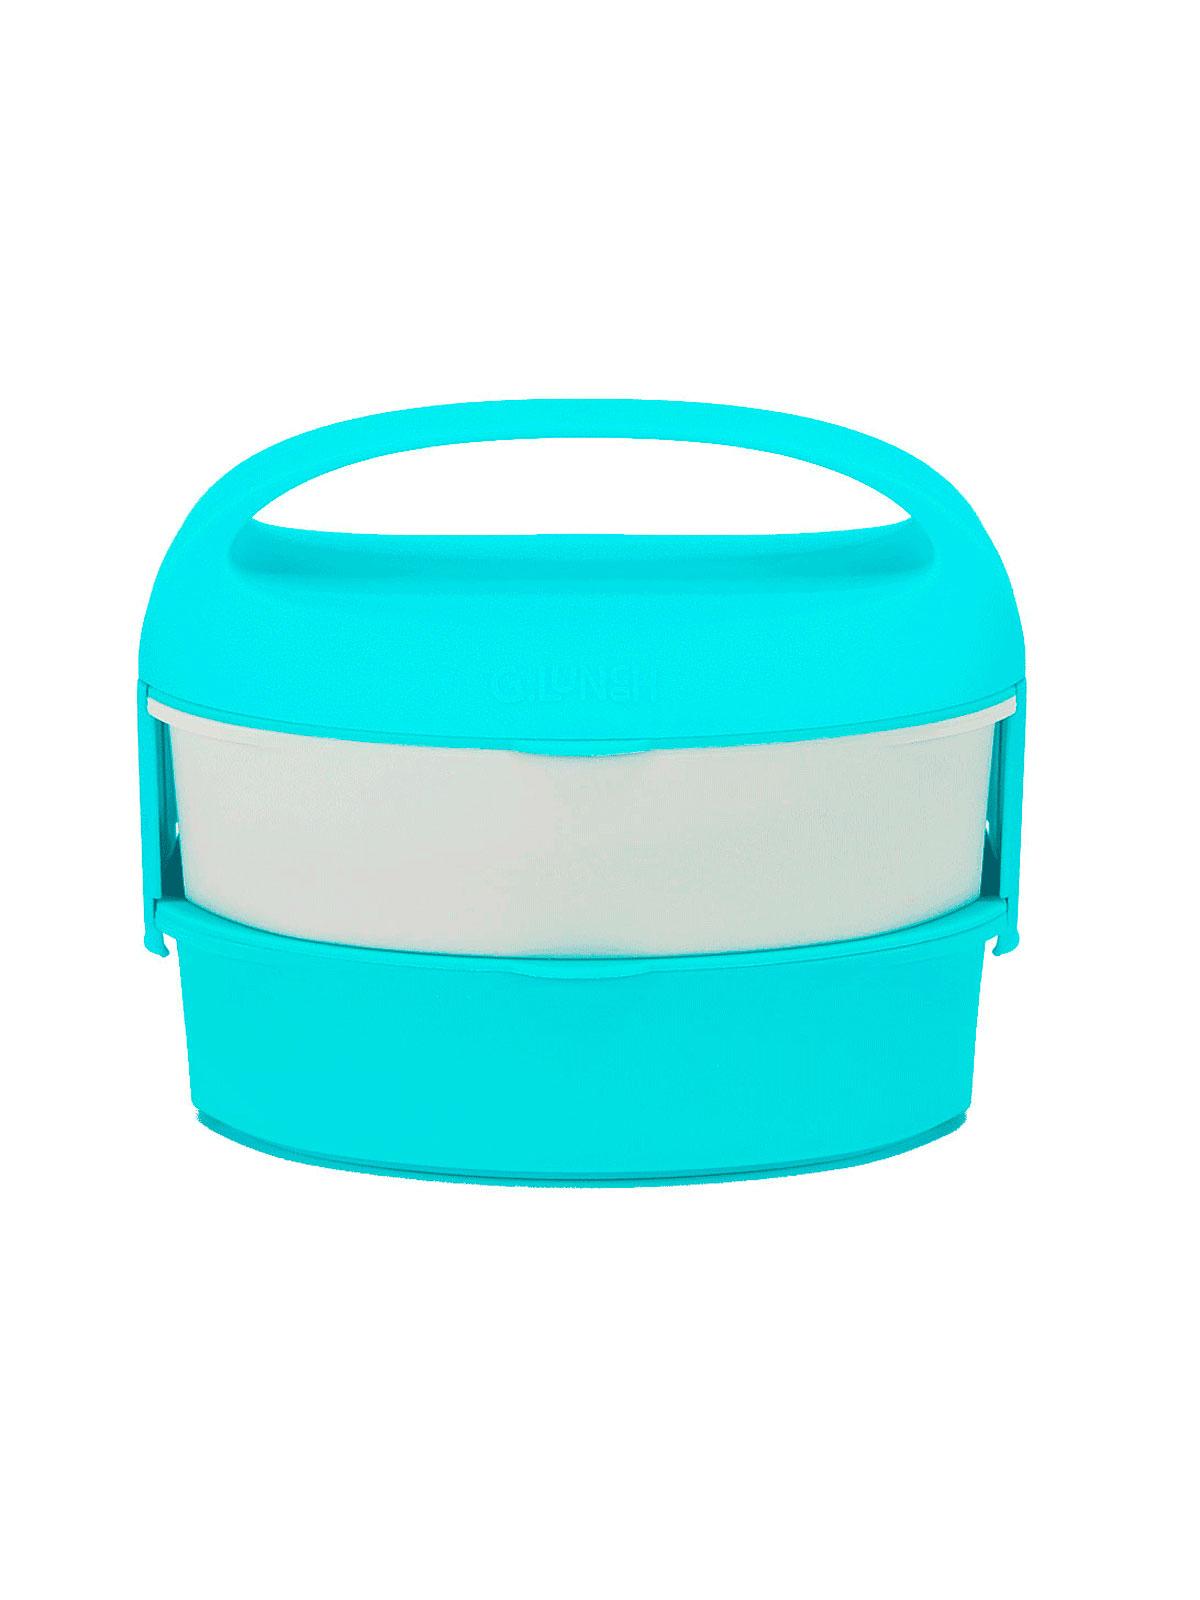 Bllbx02 cubl porta alimentos azul 1 comprar tienda online for Menaje cocina online